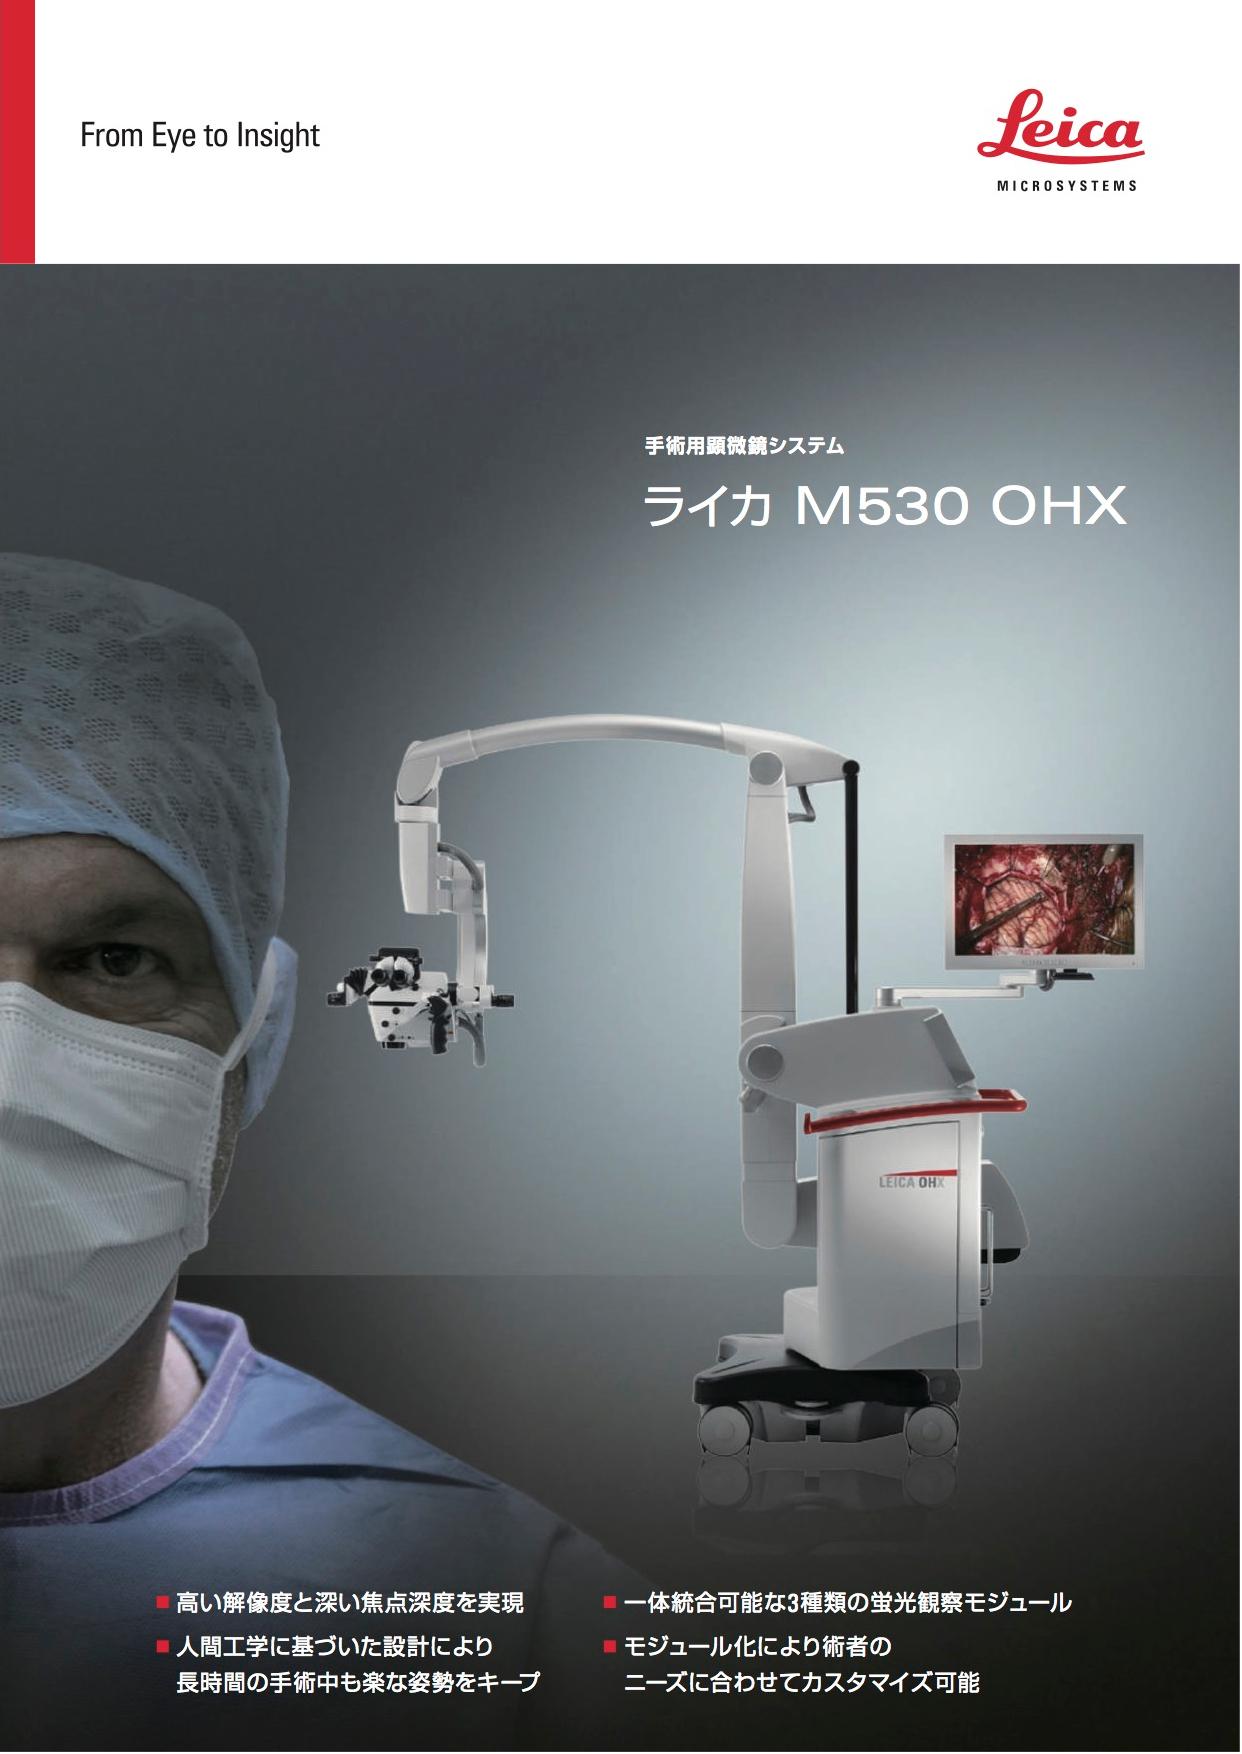 ダウンロード/手術顕微鏡システム Leica M530 OHX カタログ